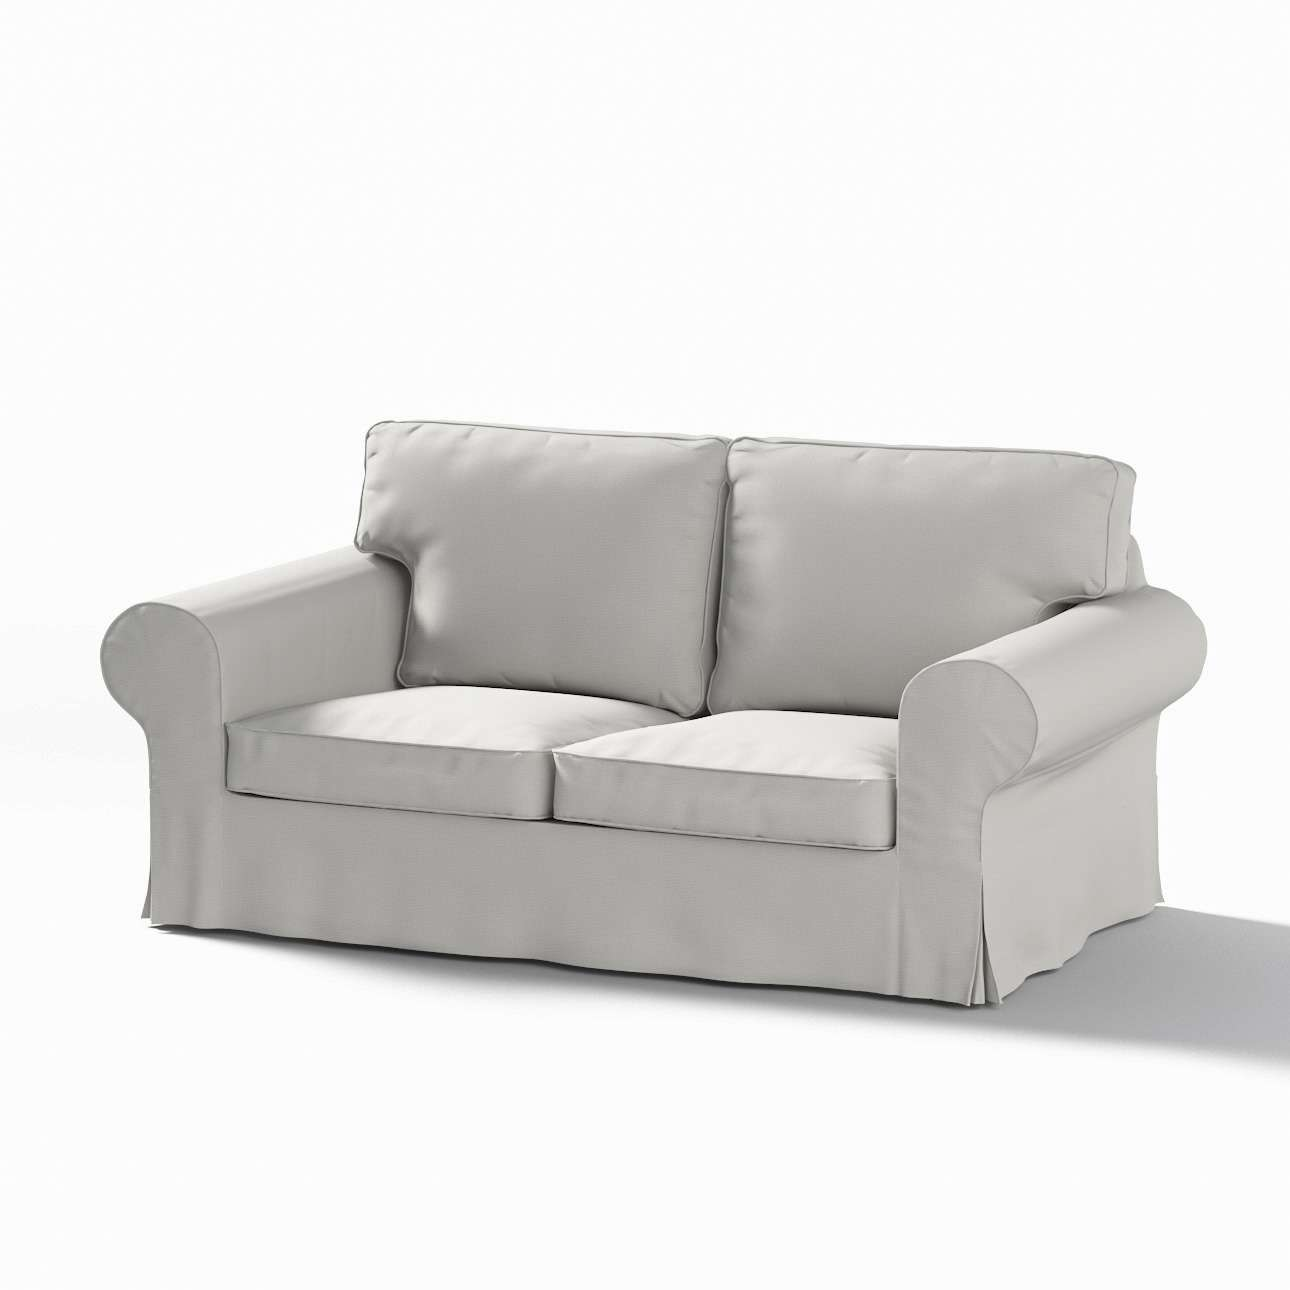 Potah na pohovku IKEA  Ektorp 2-místná, rozkládací, STARÝ MODEL pohovka Ektorp 2-místná rozkládací v kolekci Etna, látka: 705-90